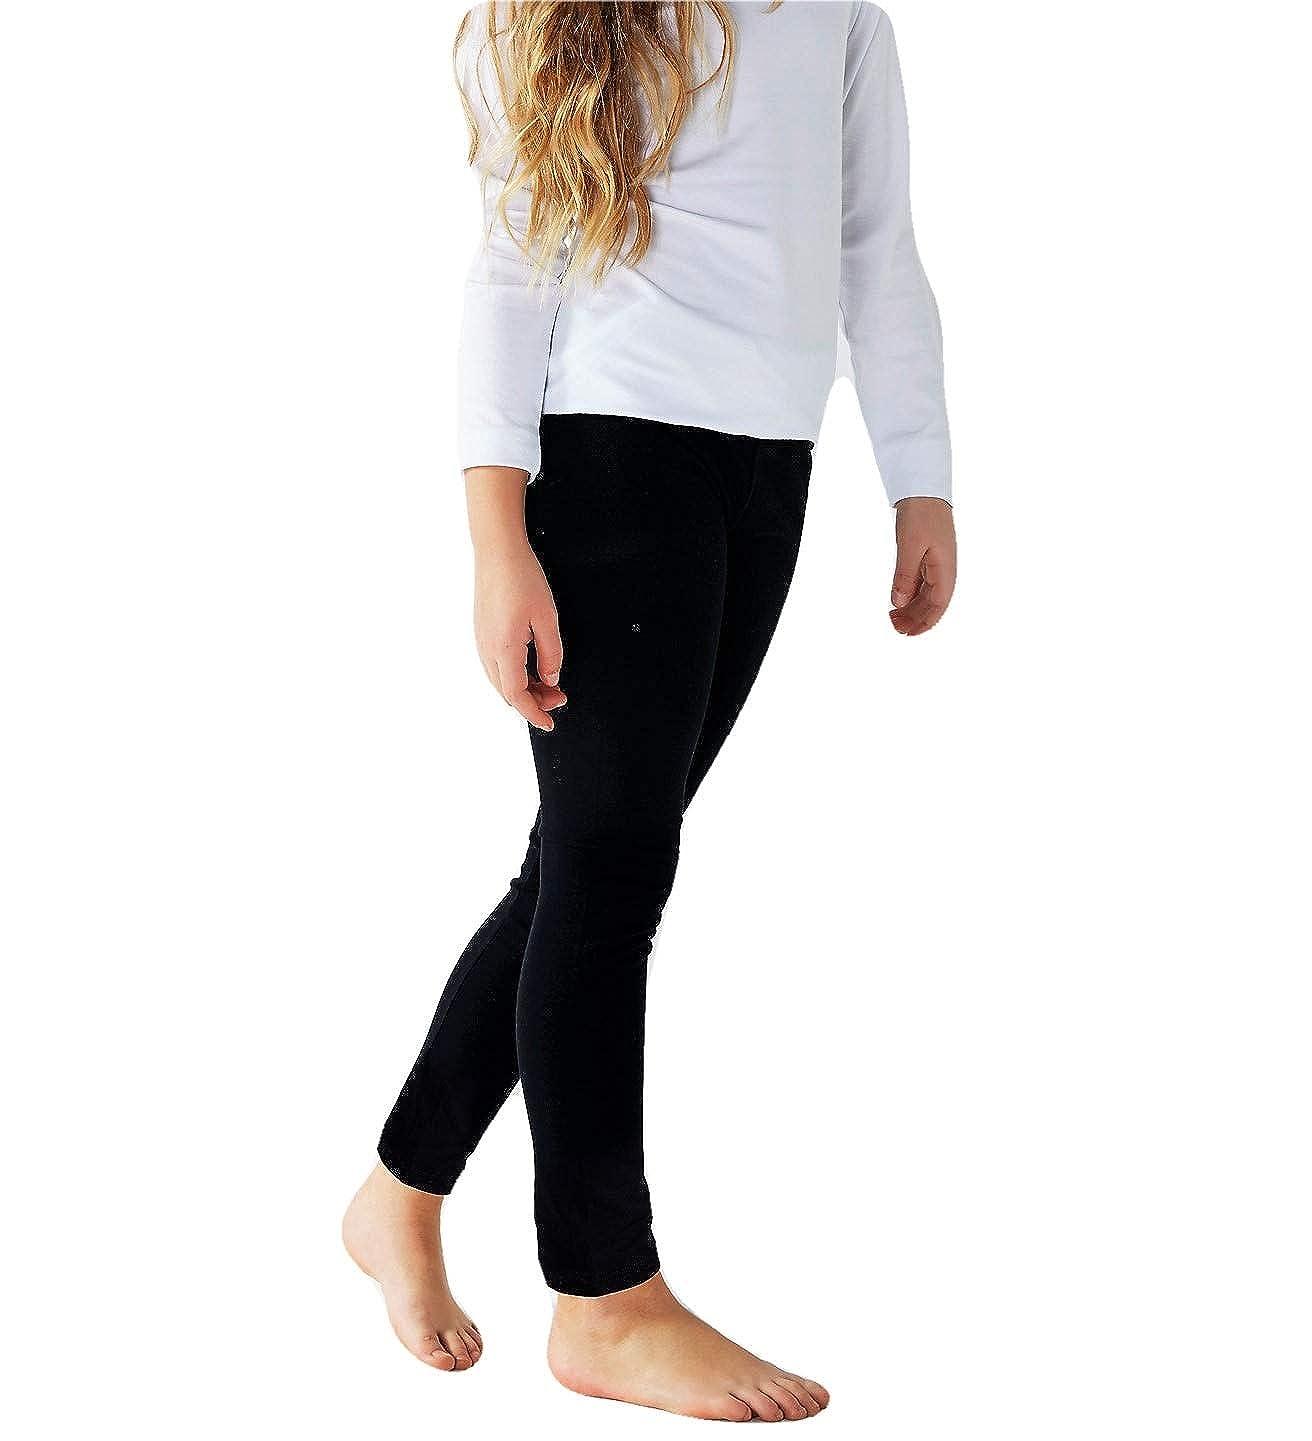 REALIZZATO NEI COLORI NERO E BLU Ideale da indossare nel periodo scolastico LEGGINGS BASICO BAMBINA IN COTONE ELASTICIZZATO LINEA SOFT COTTON